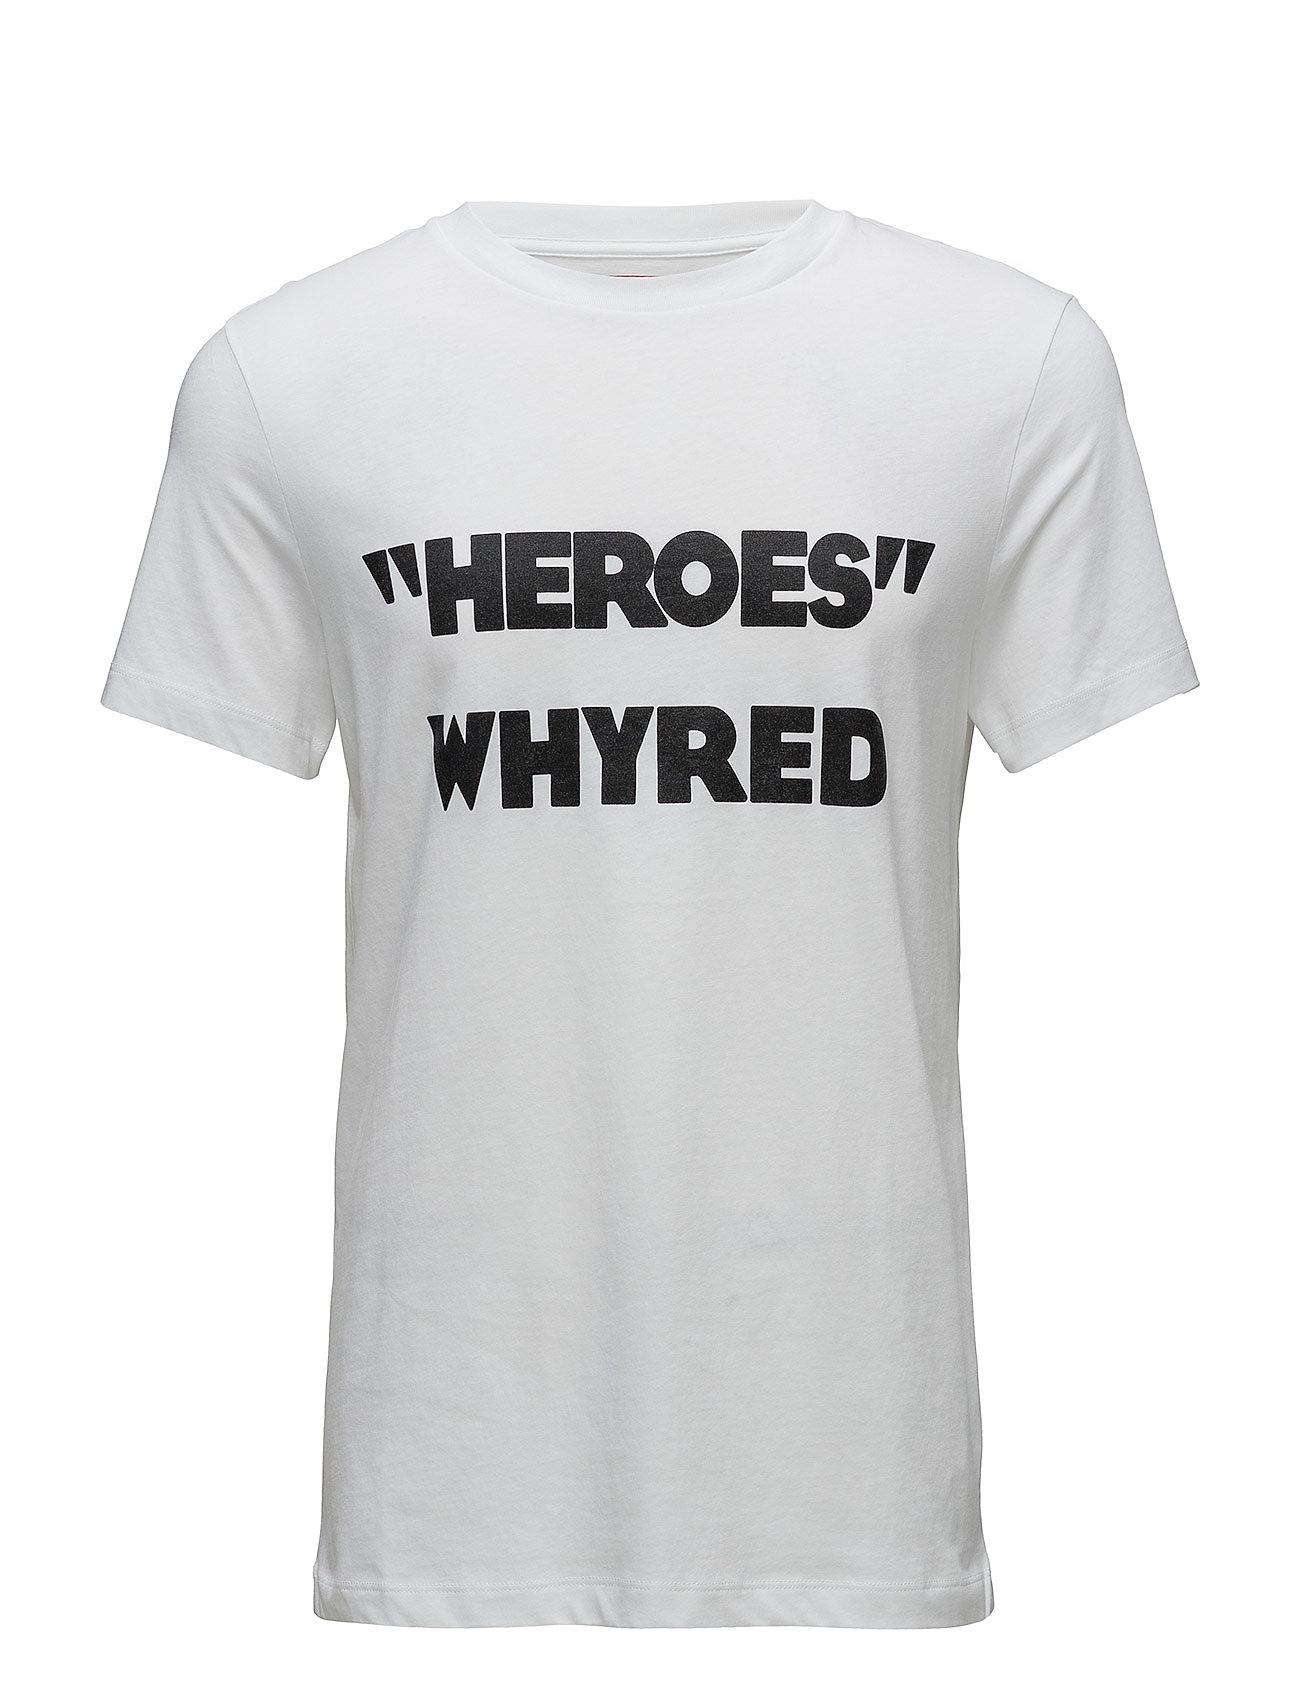 562663924e89 Art Heros (White) (£38.40) - Whyred -